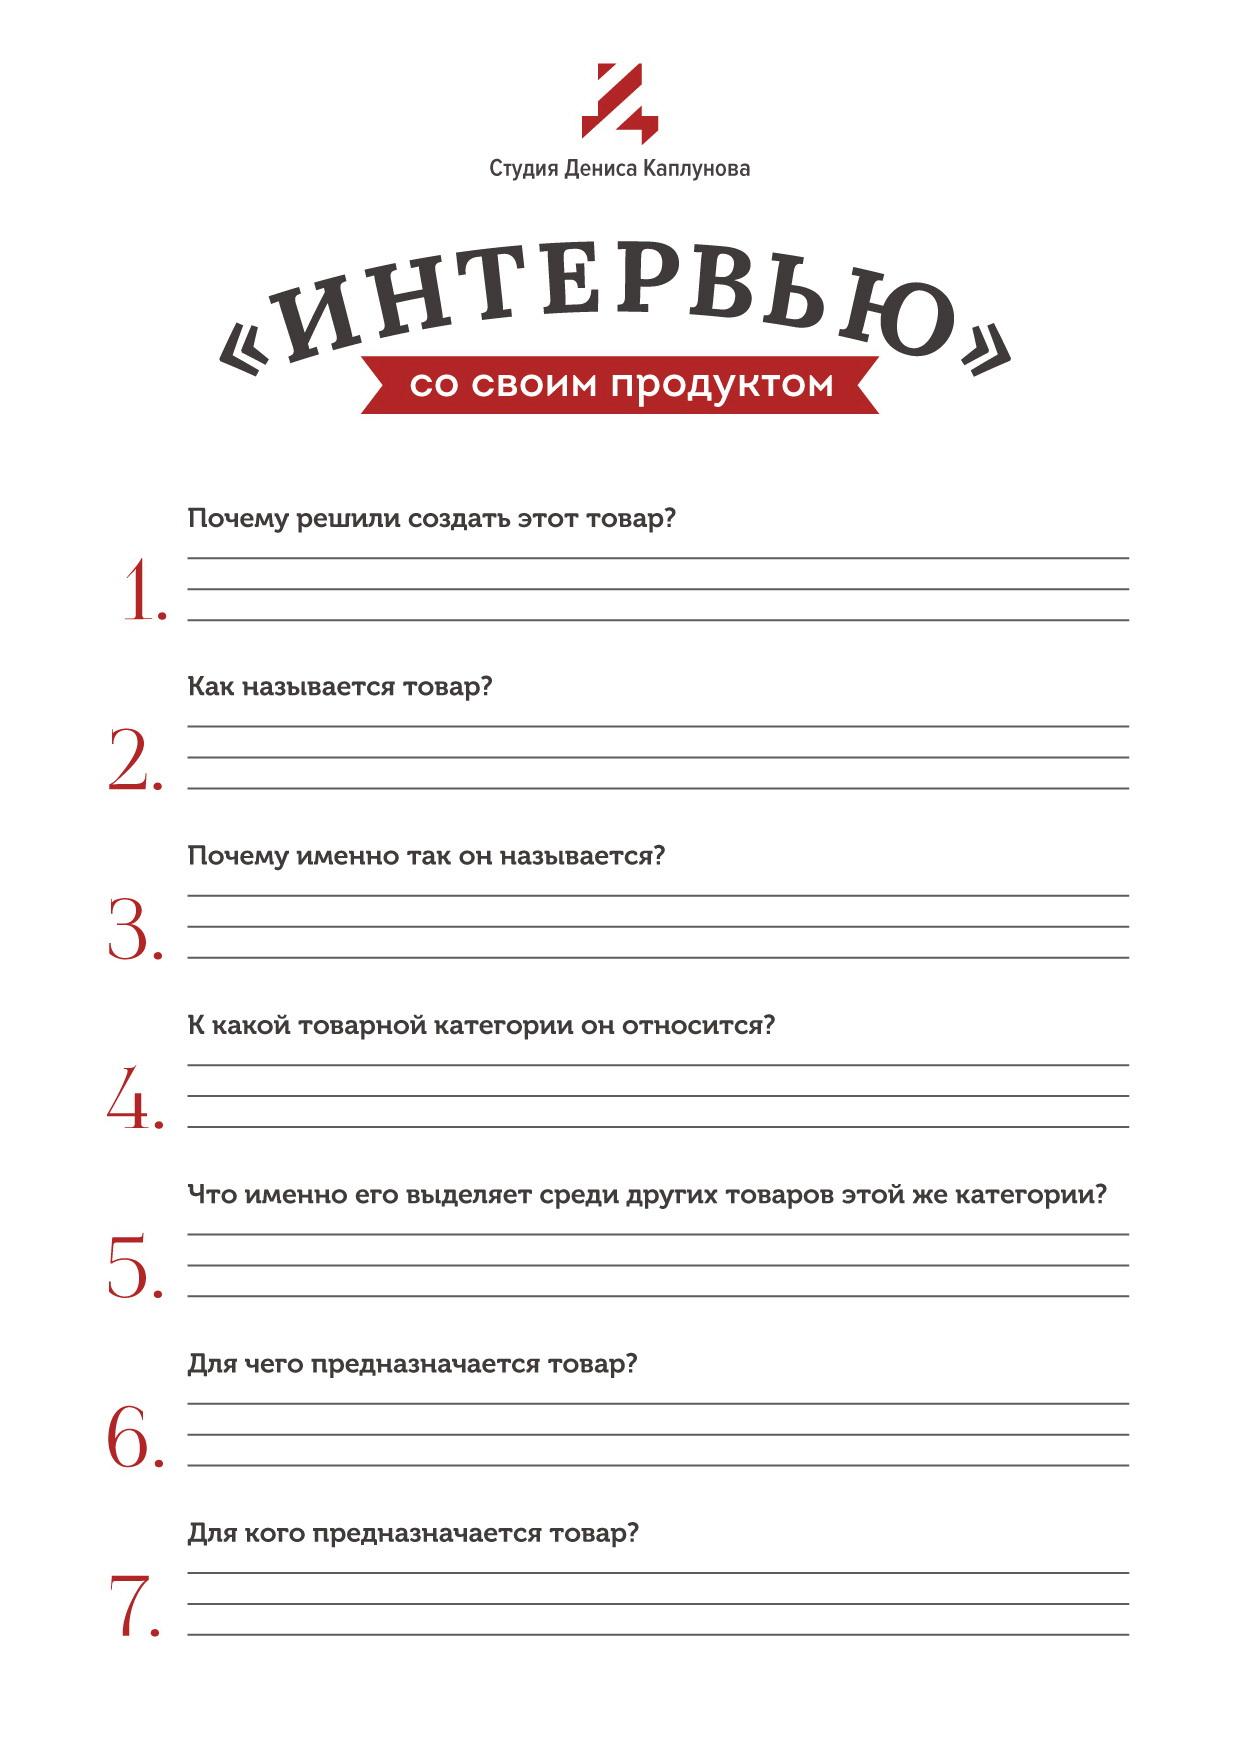 Опросный лист «Интервью со своим продуктом»